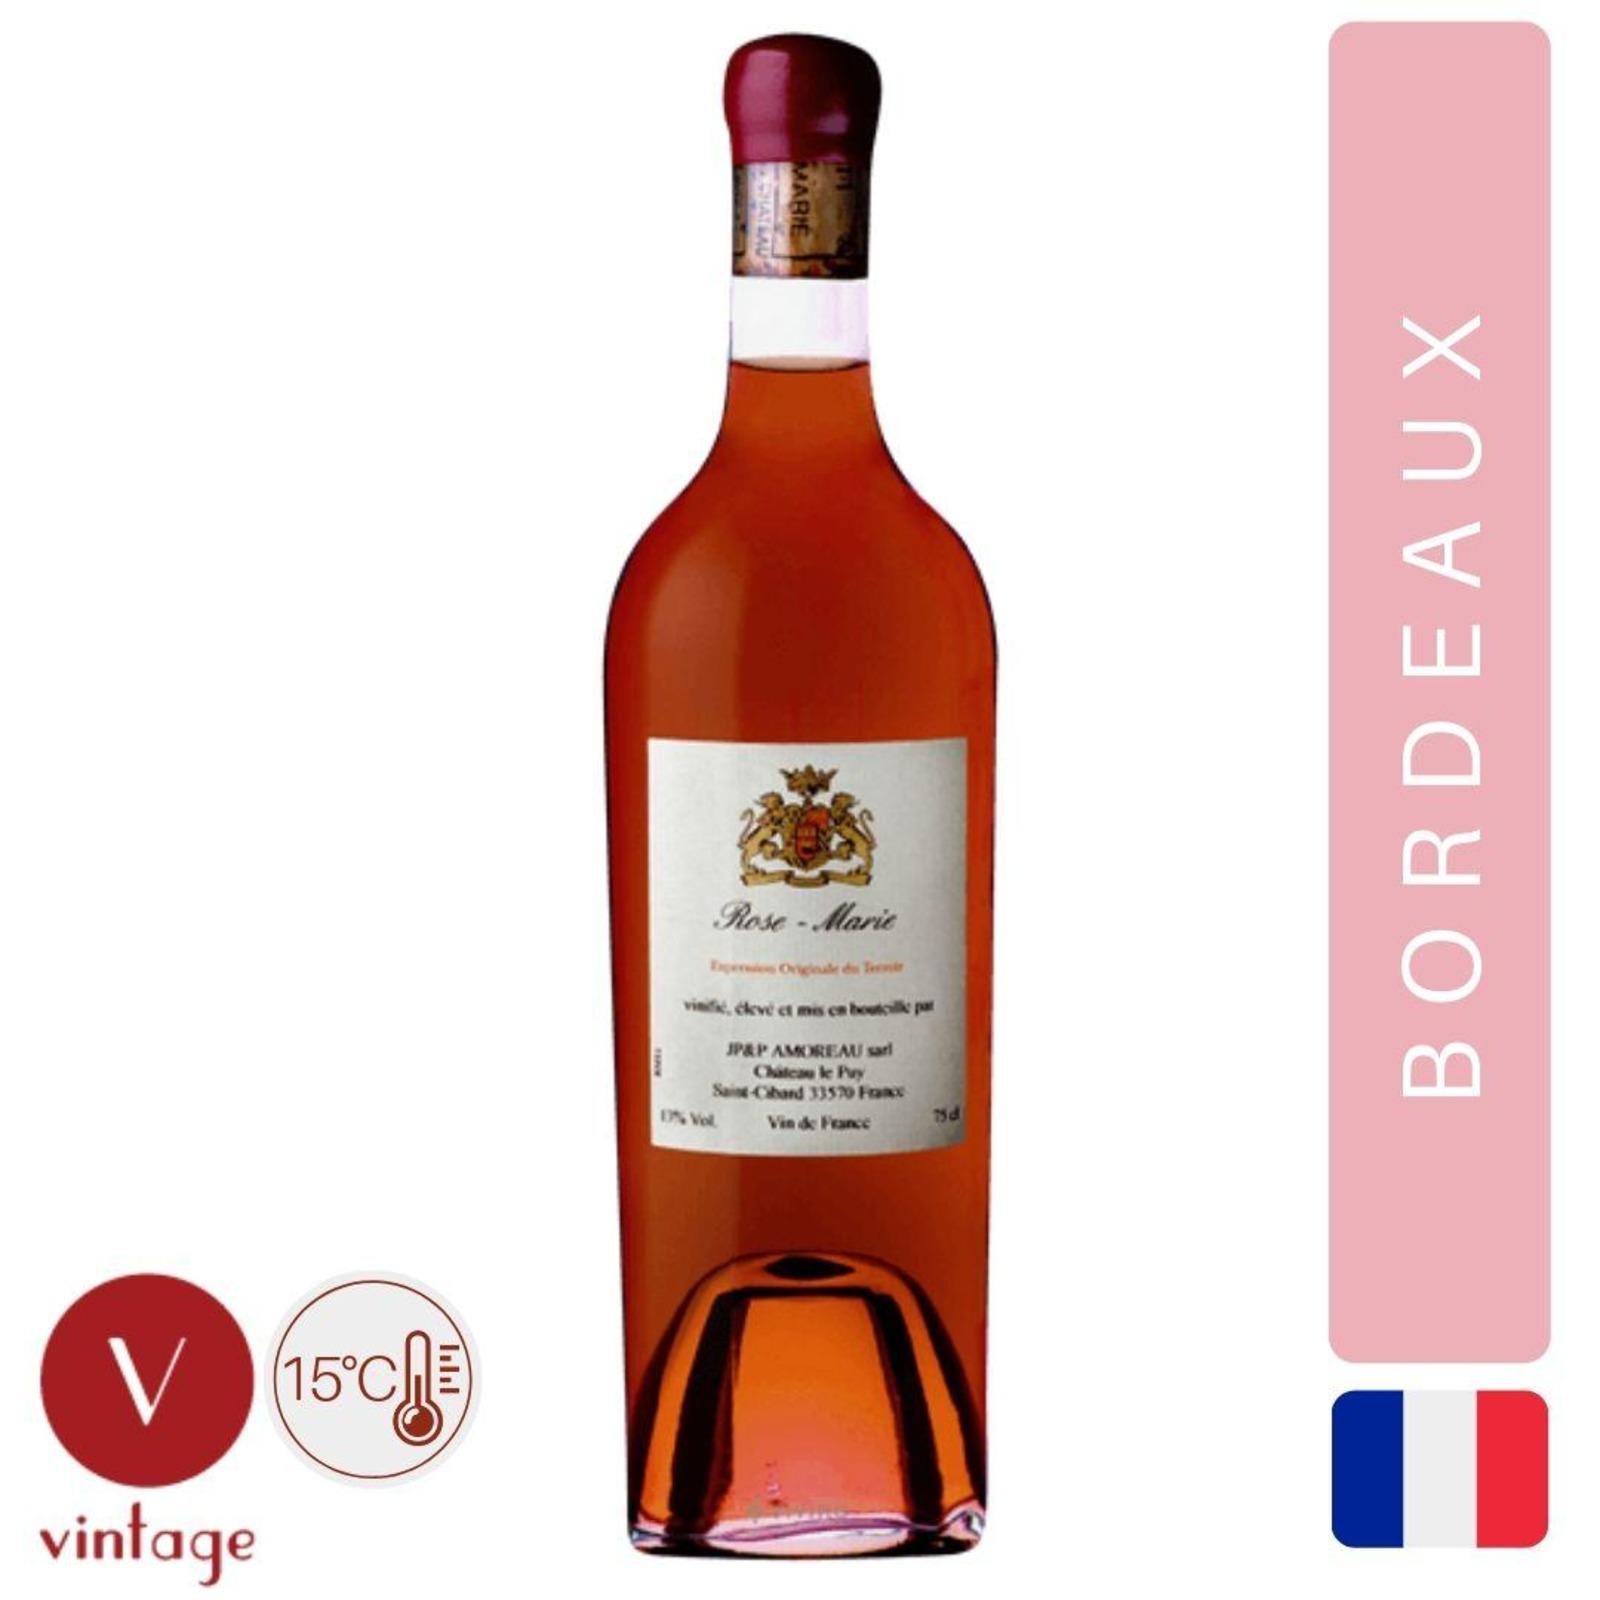 Chateau Le Puy - Rose Marie - Bordeaux Rose Wine